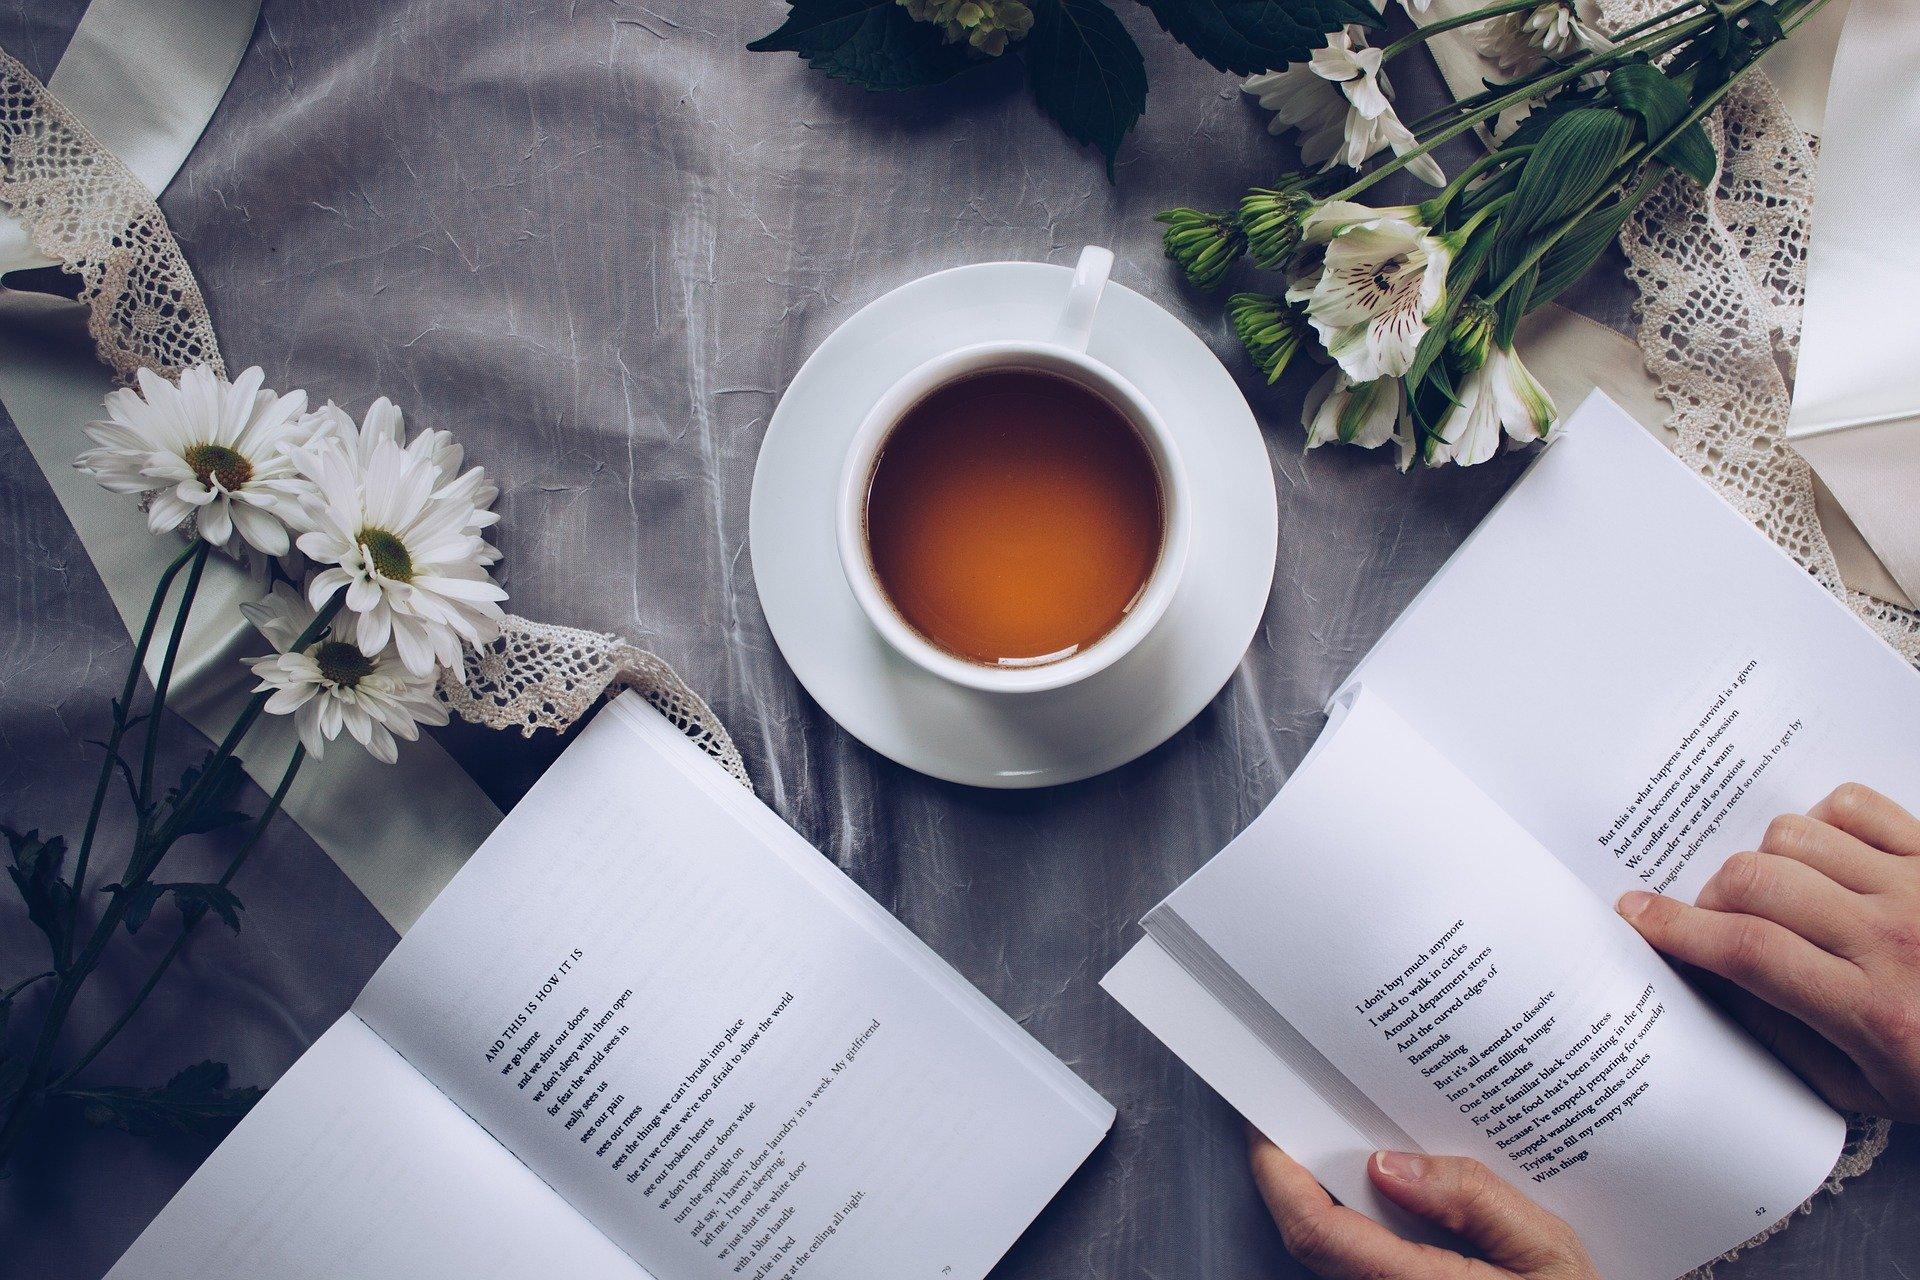 お茶をしながら本を広げる女性の手